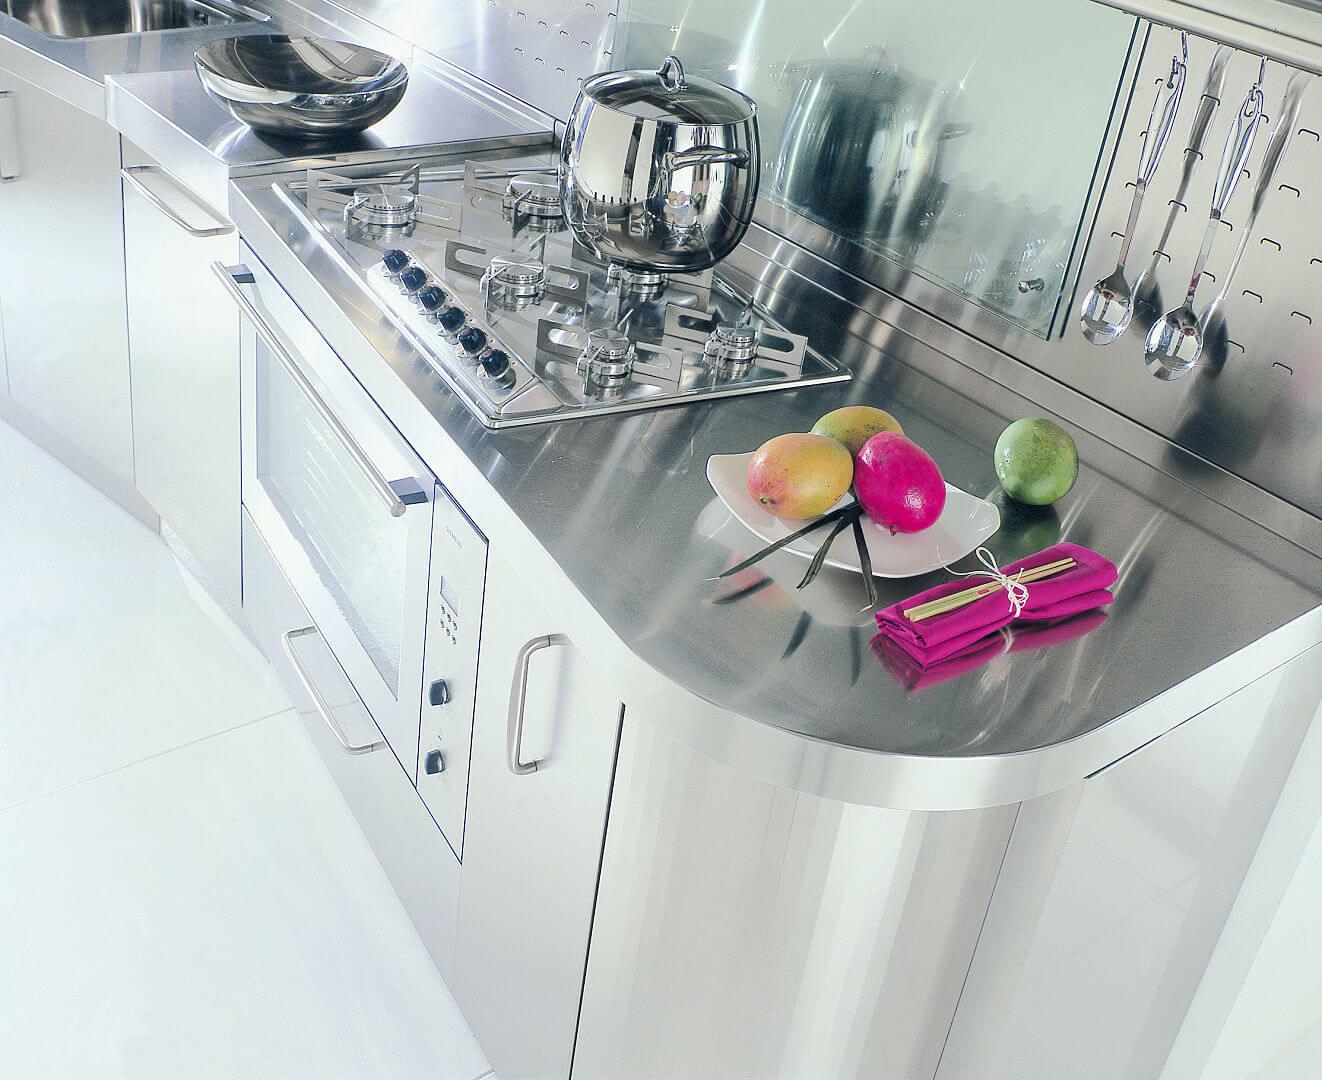 Arca Cucine Italia - Cucina Domestica in Acciaio Inox e Vetro - Wagon - Cottura